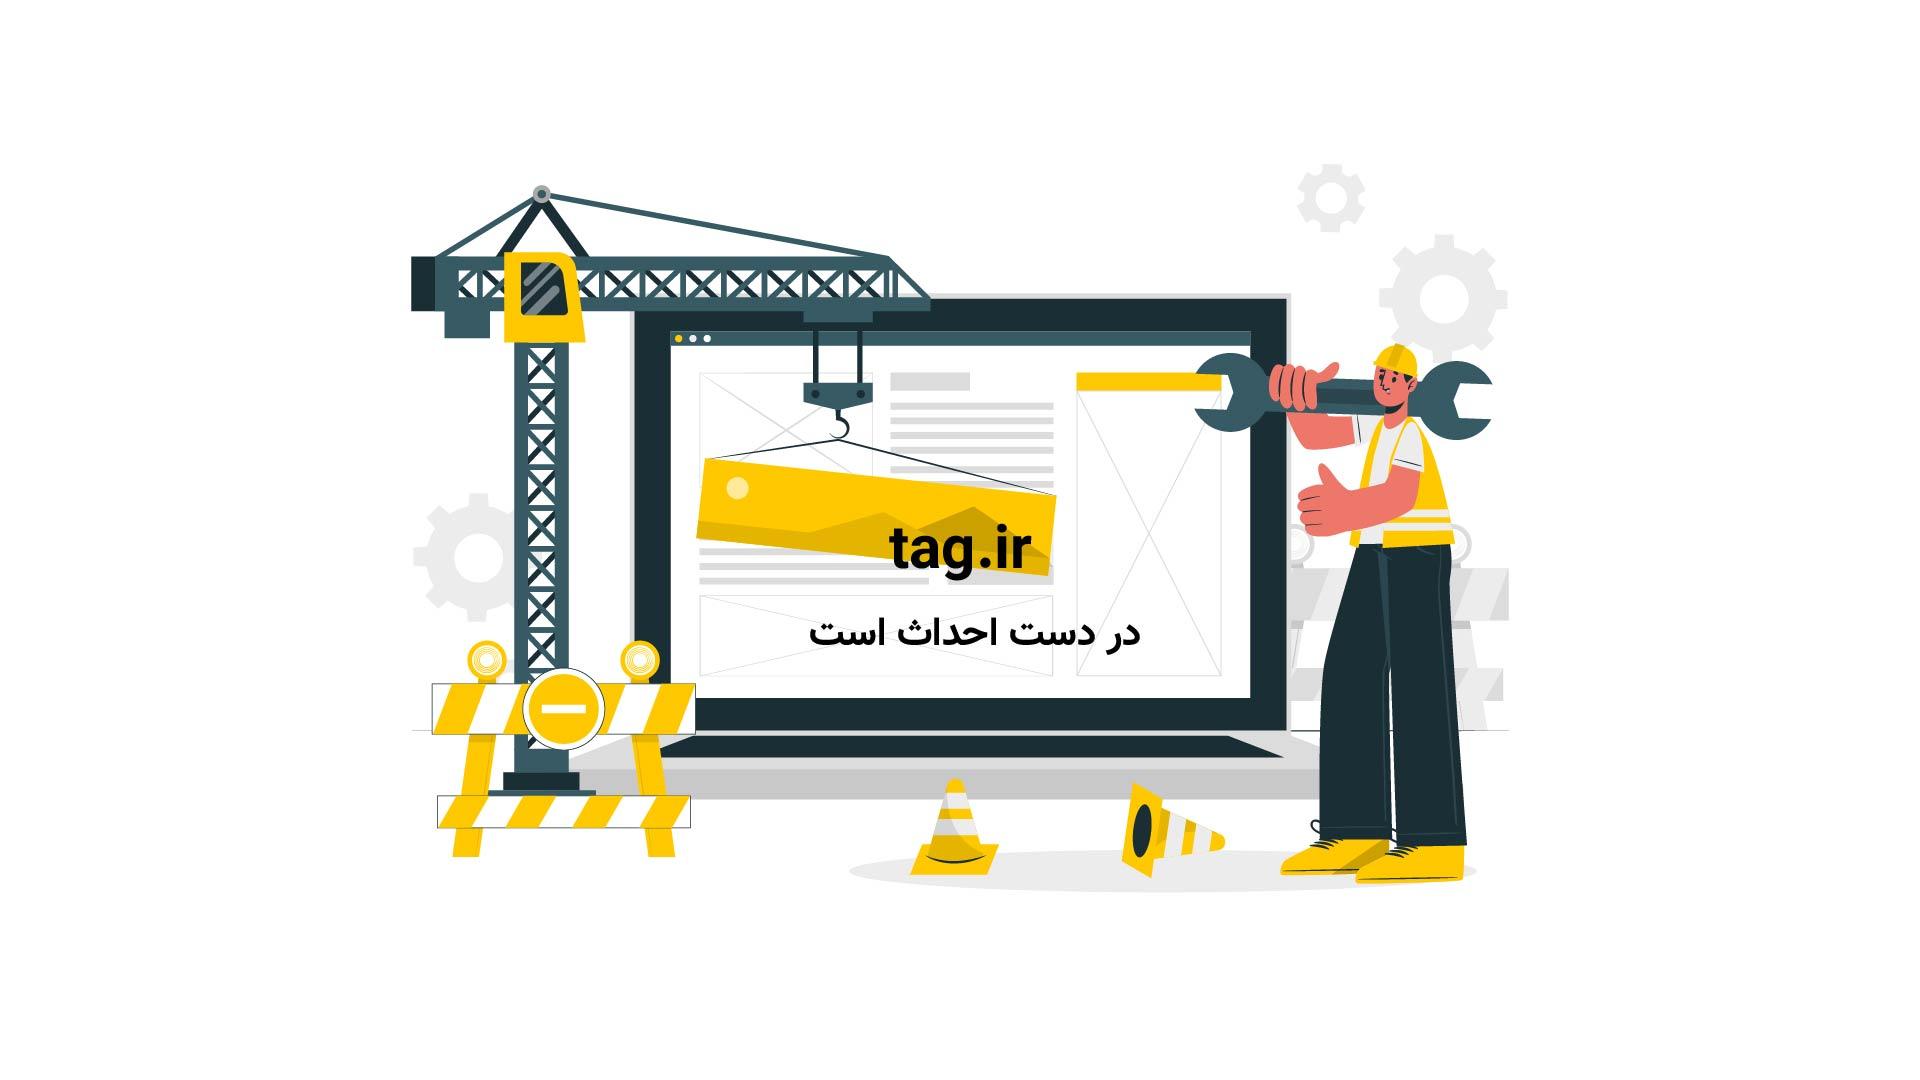 ساعت آبرنگی | تگ